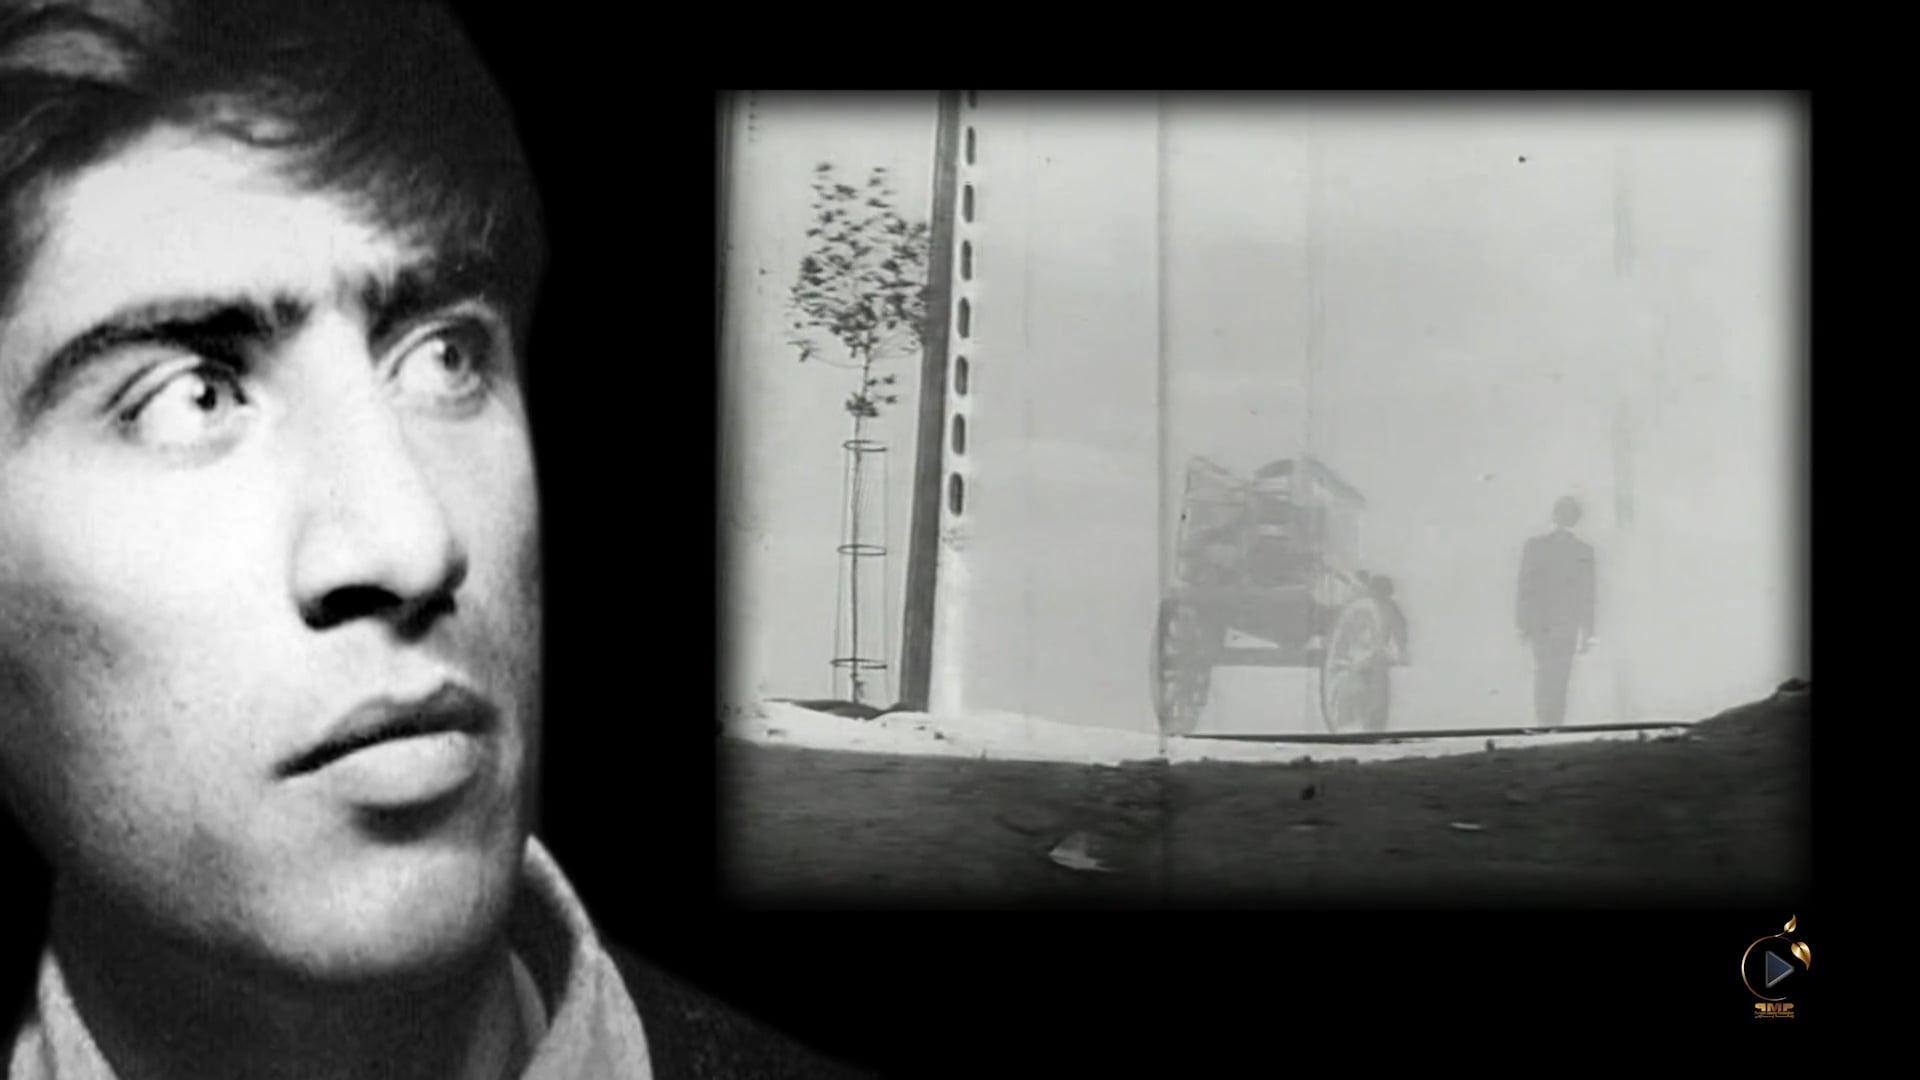 بهرام بیضائی، استعارهگر سینمای ایران